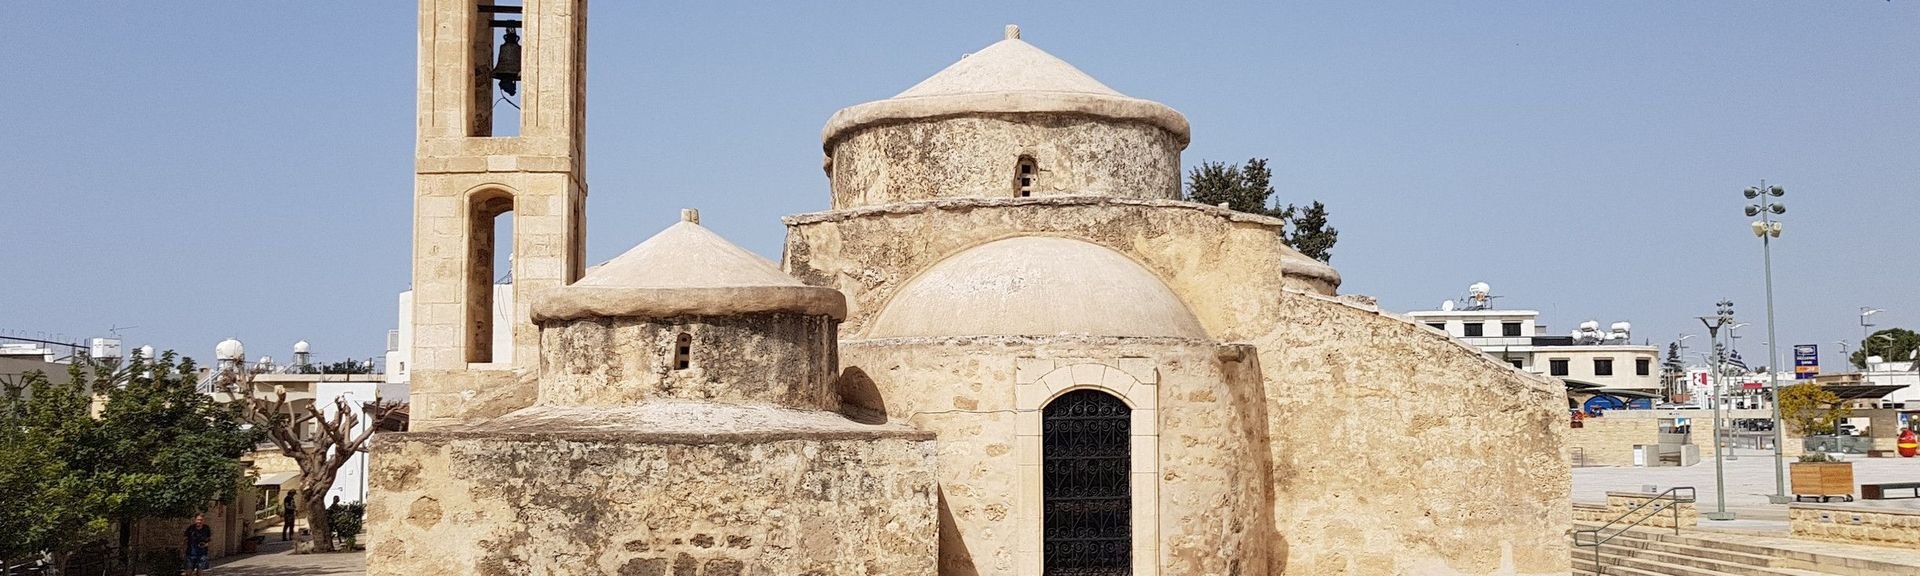 Γεροσκήπου, Κύπρος